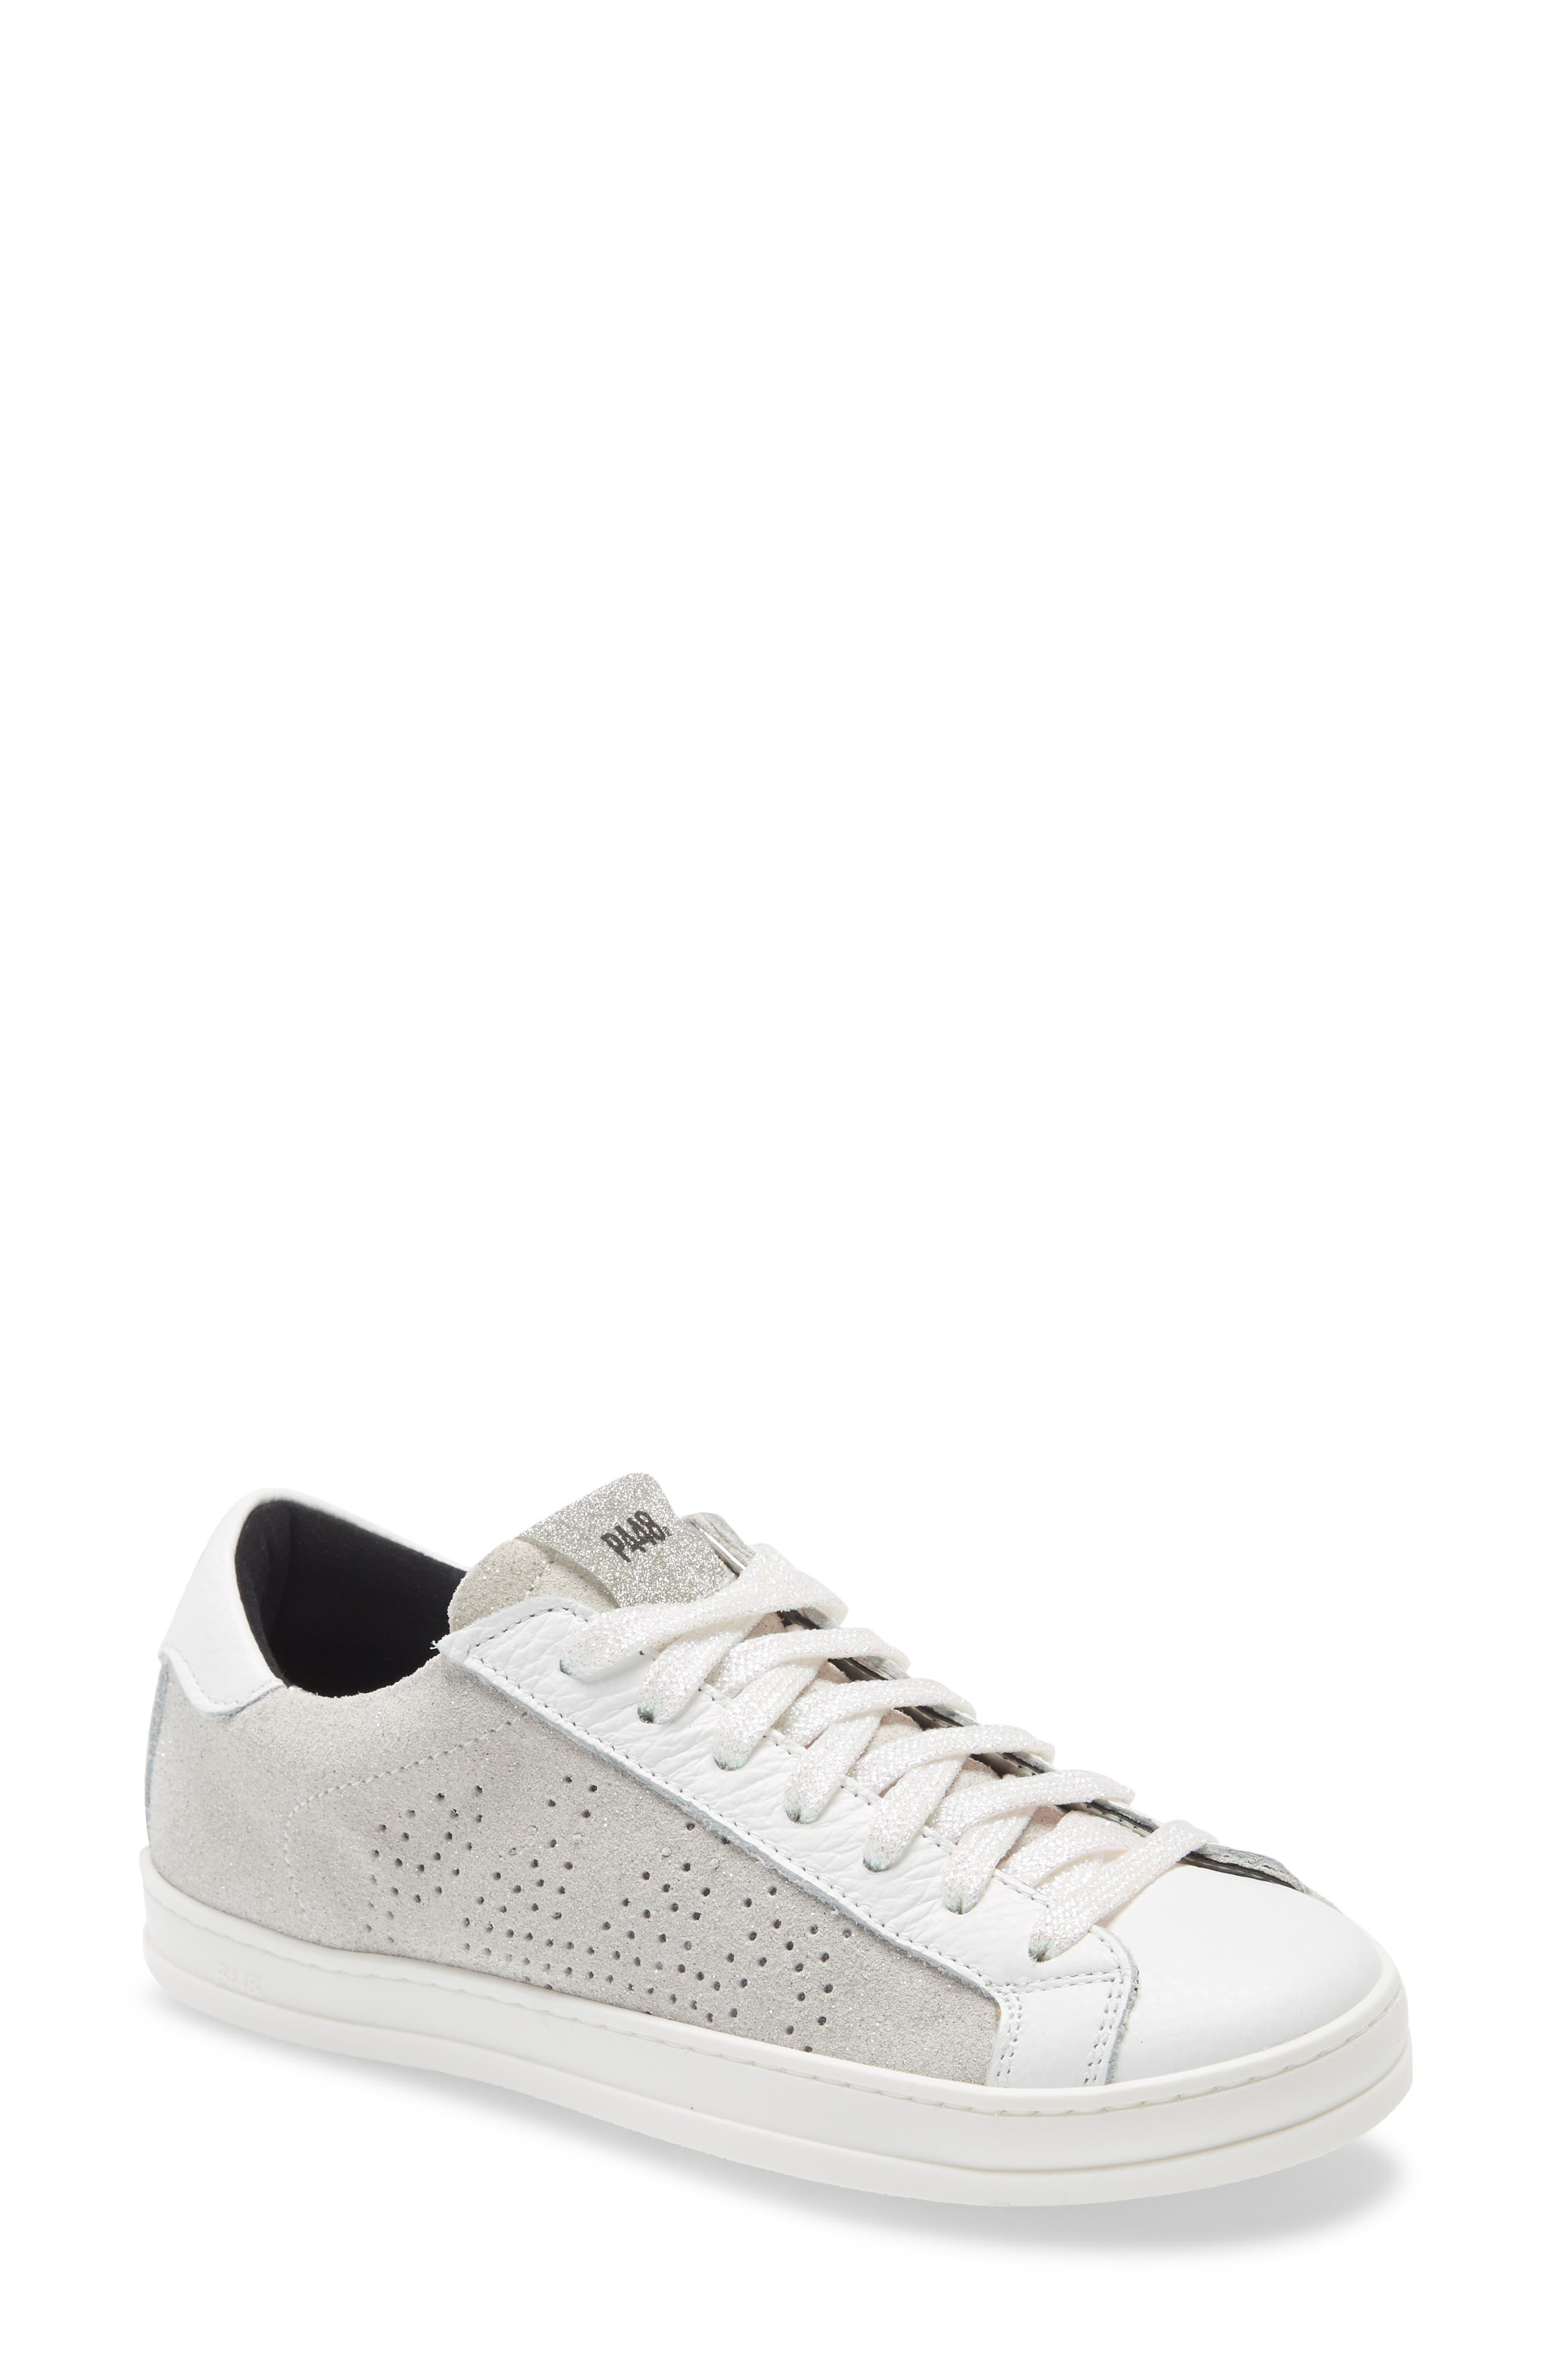 Image of P448 John Low Top Sneaker